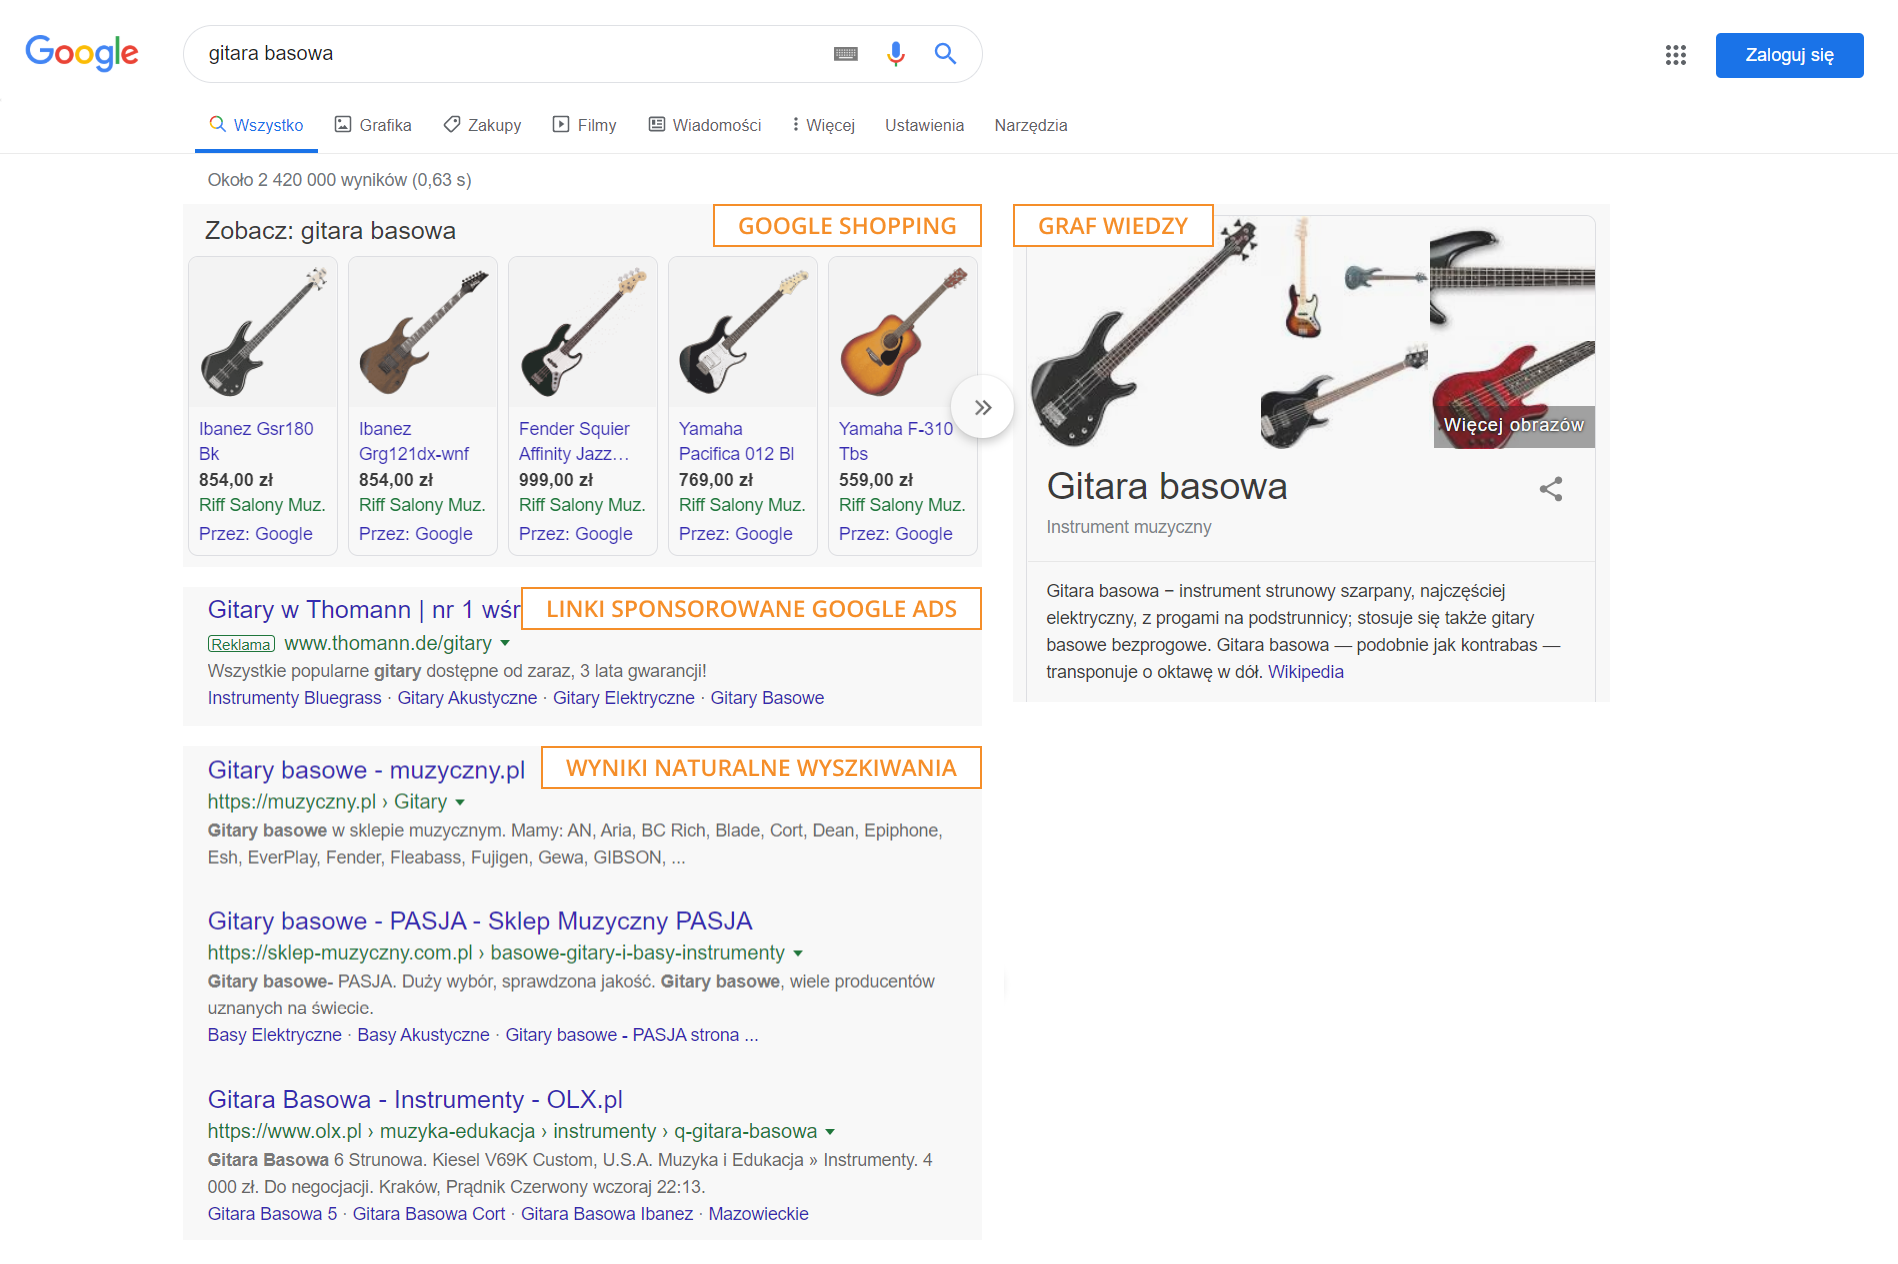 pierwsza strona wyników wyszukiwania wwyszukiwarce